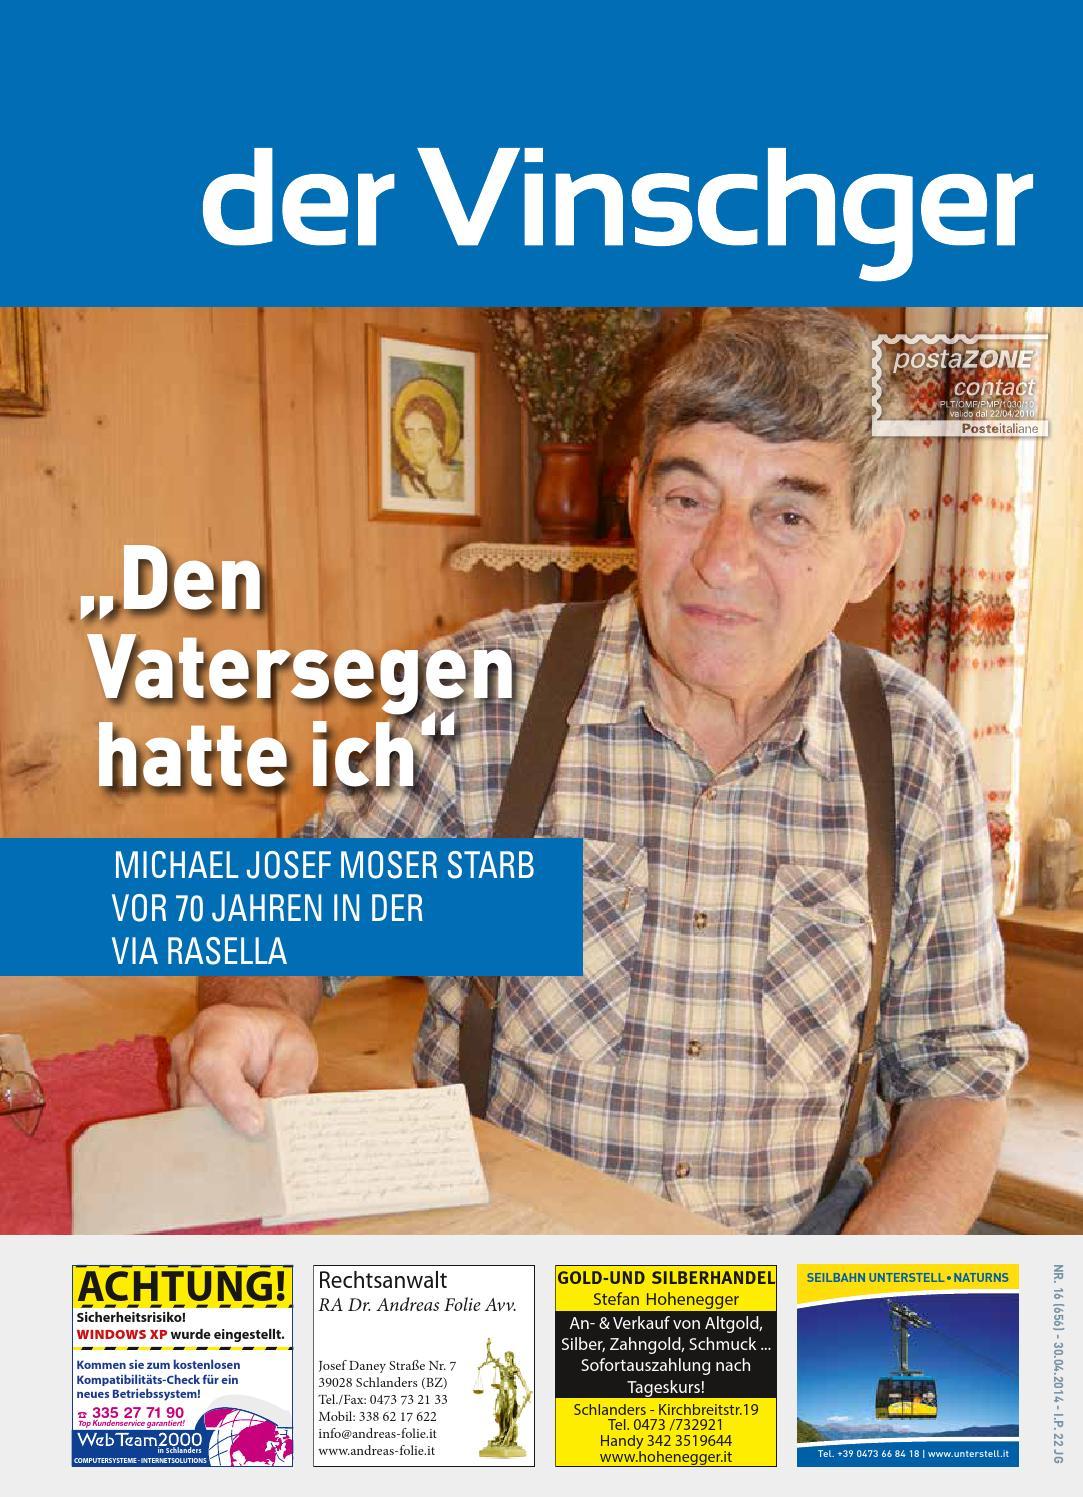 Vinschger Nr. 16 vom 30.04.2014 by Der Vinschger - issuu